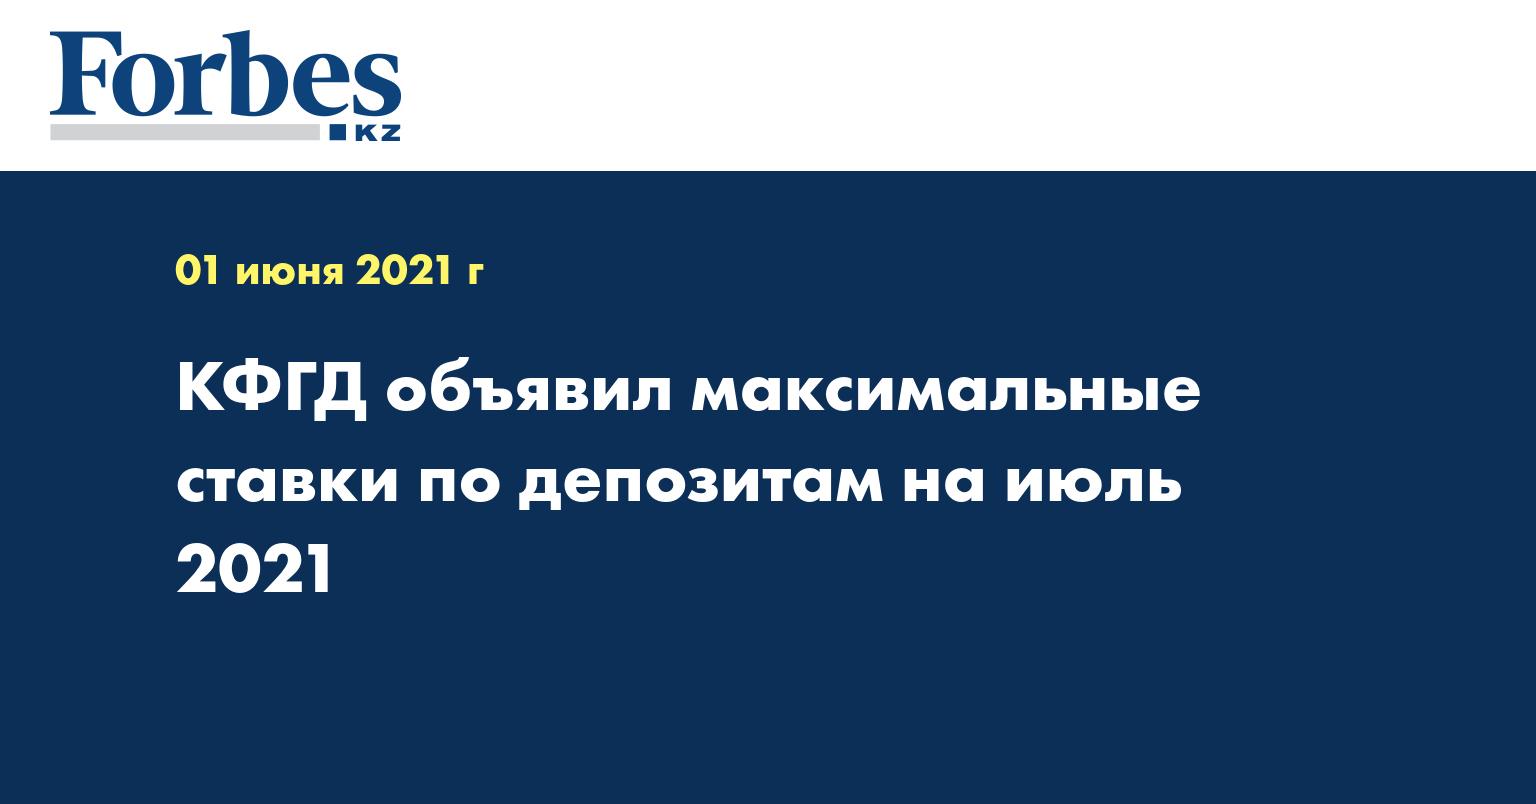 КФГД объявил максимальные ставки по депозитам на июль 2021